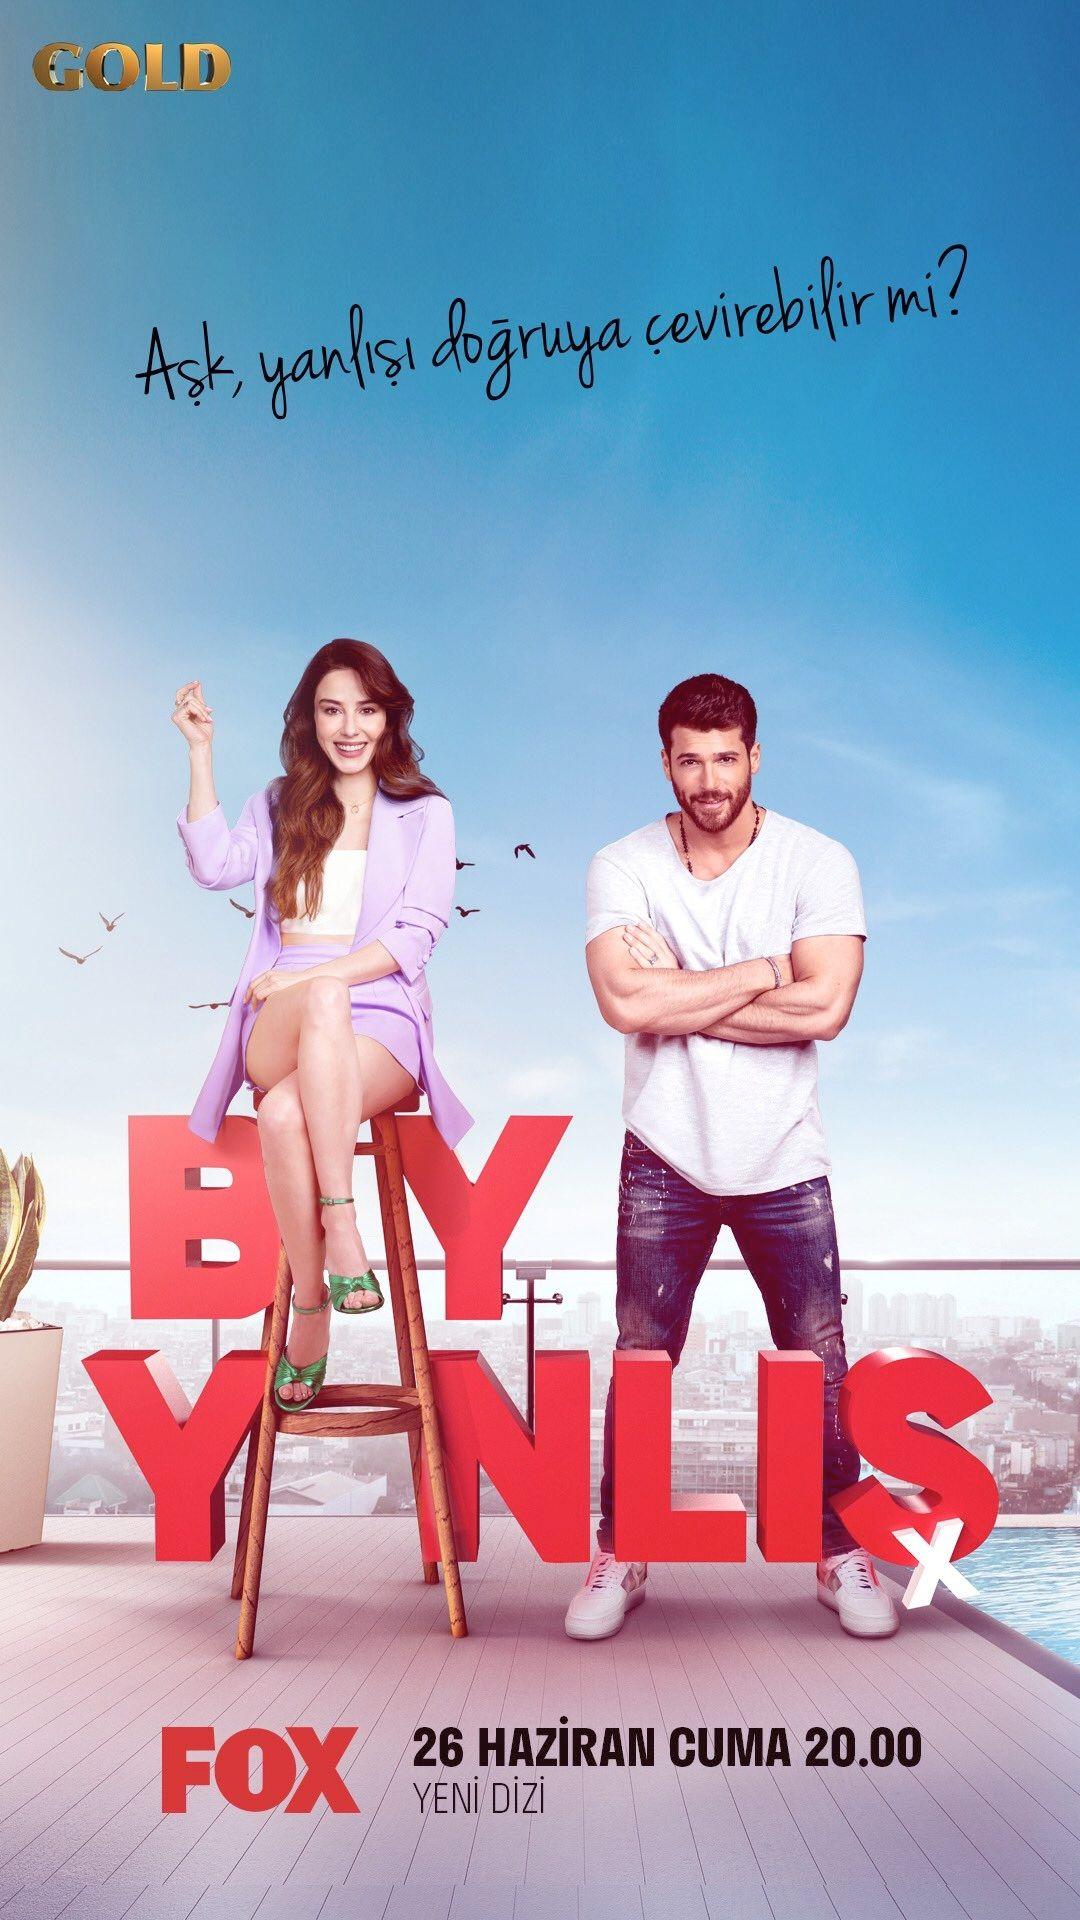 3skco السيد الخطأ الحلقة ٣ bay yanlis مسلسل السيد الخطأ الحلقة 3 الثالثة مترجمة عبر موقع قصة عشق وقناة فوكس